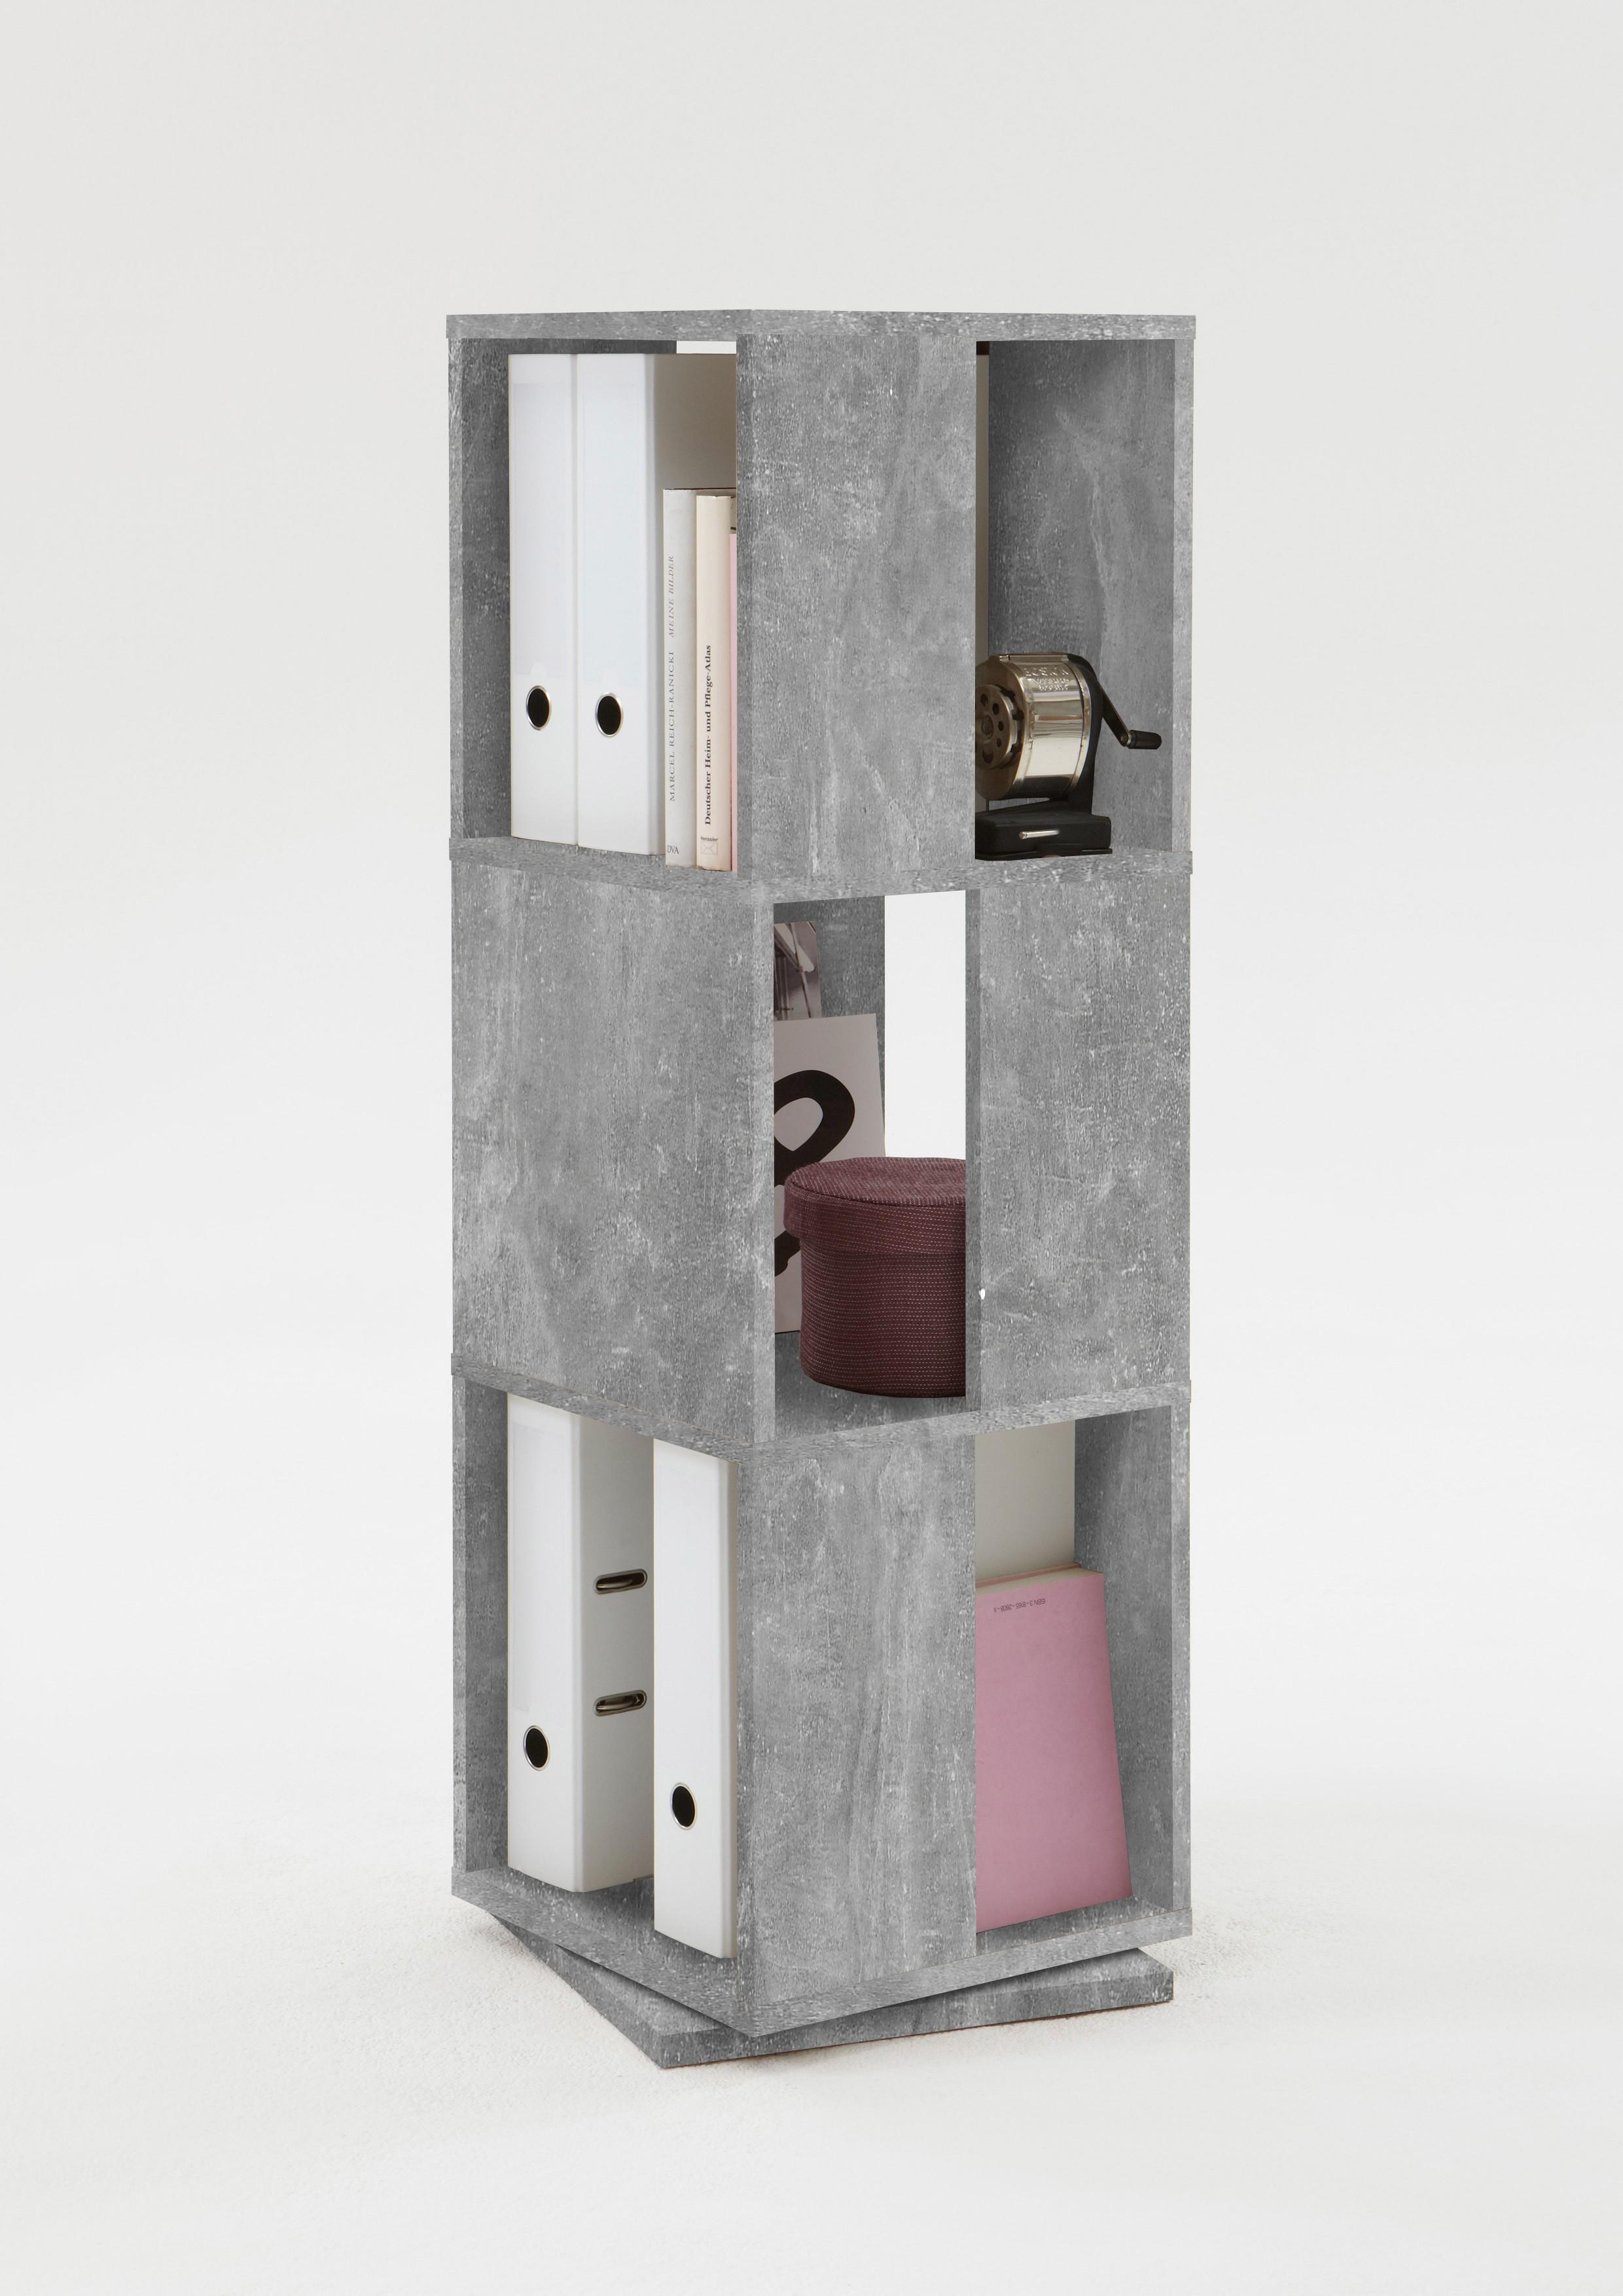 FMD Draaikast open ontwerp 34x34x108 cm betongrijs